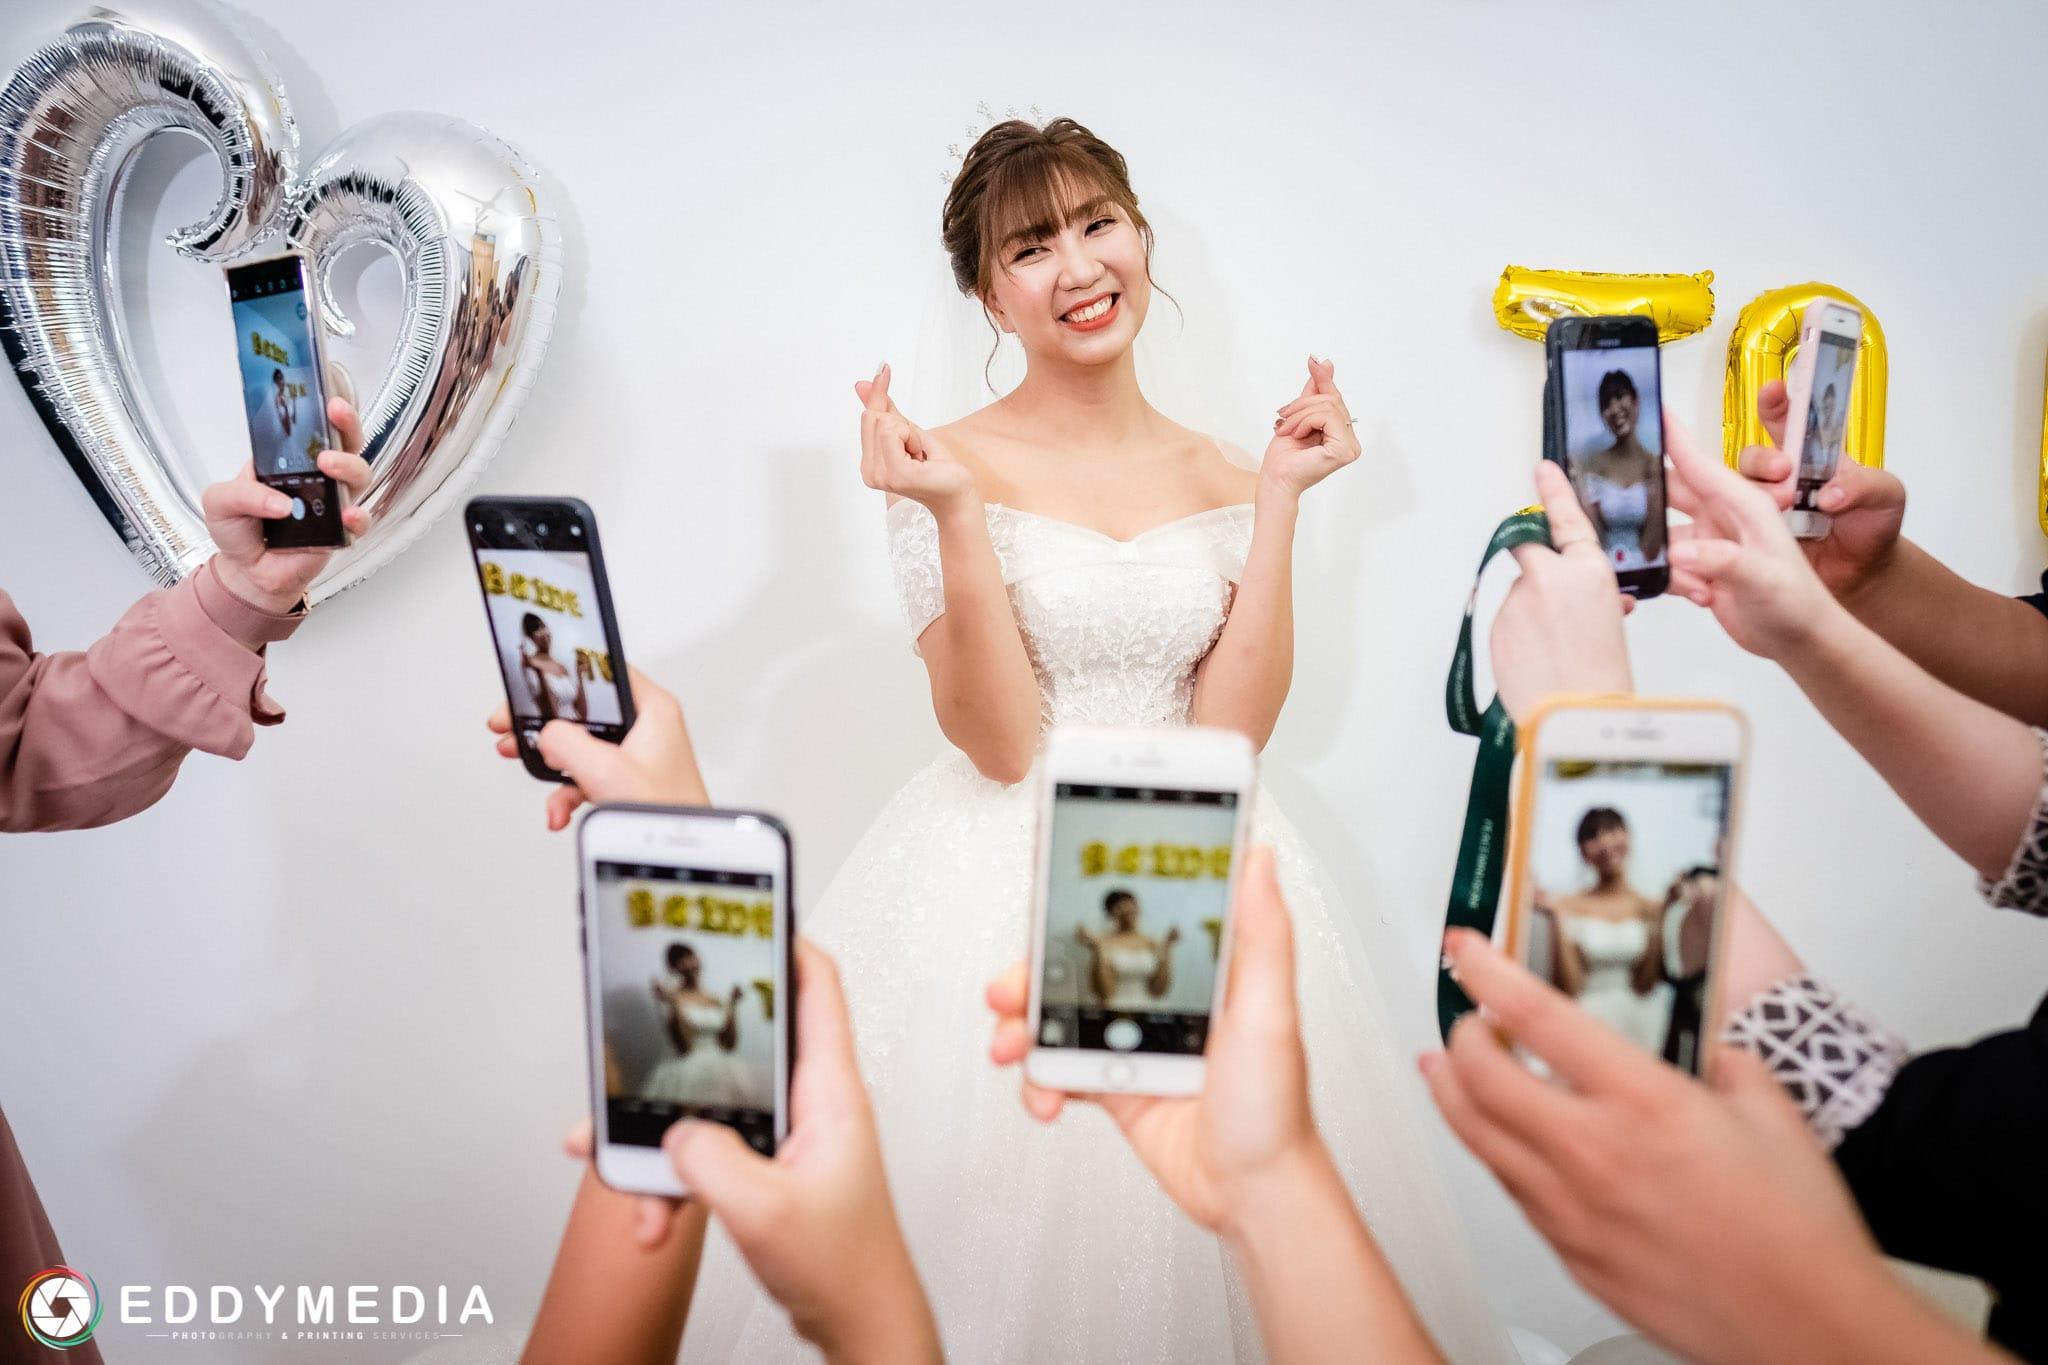 Phongsucuoi ManhDat ThuyNgoc TrongDong EddyMedia 17 quay phóng sự cưới,phóng sự đám cưới,dịch vụ quay phim chụp ảnh đám cưới,chụp ảnh quay phim đám cưới